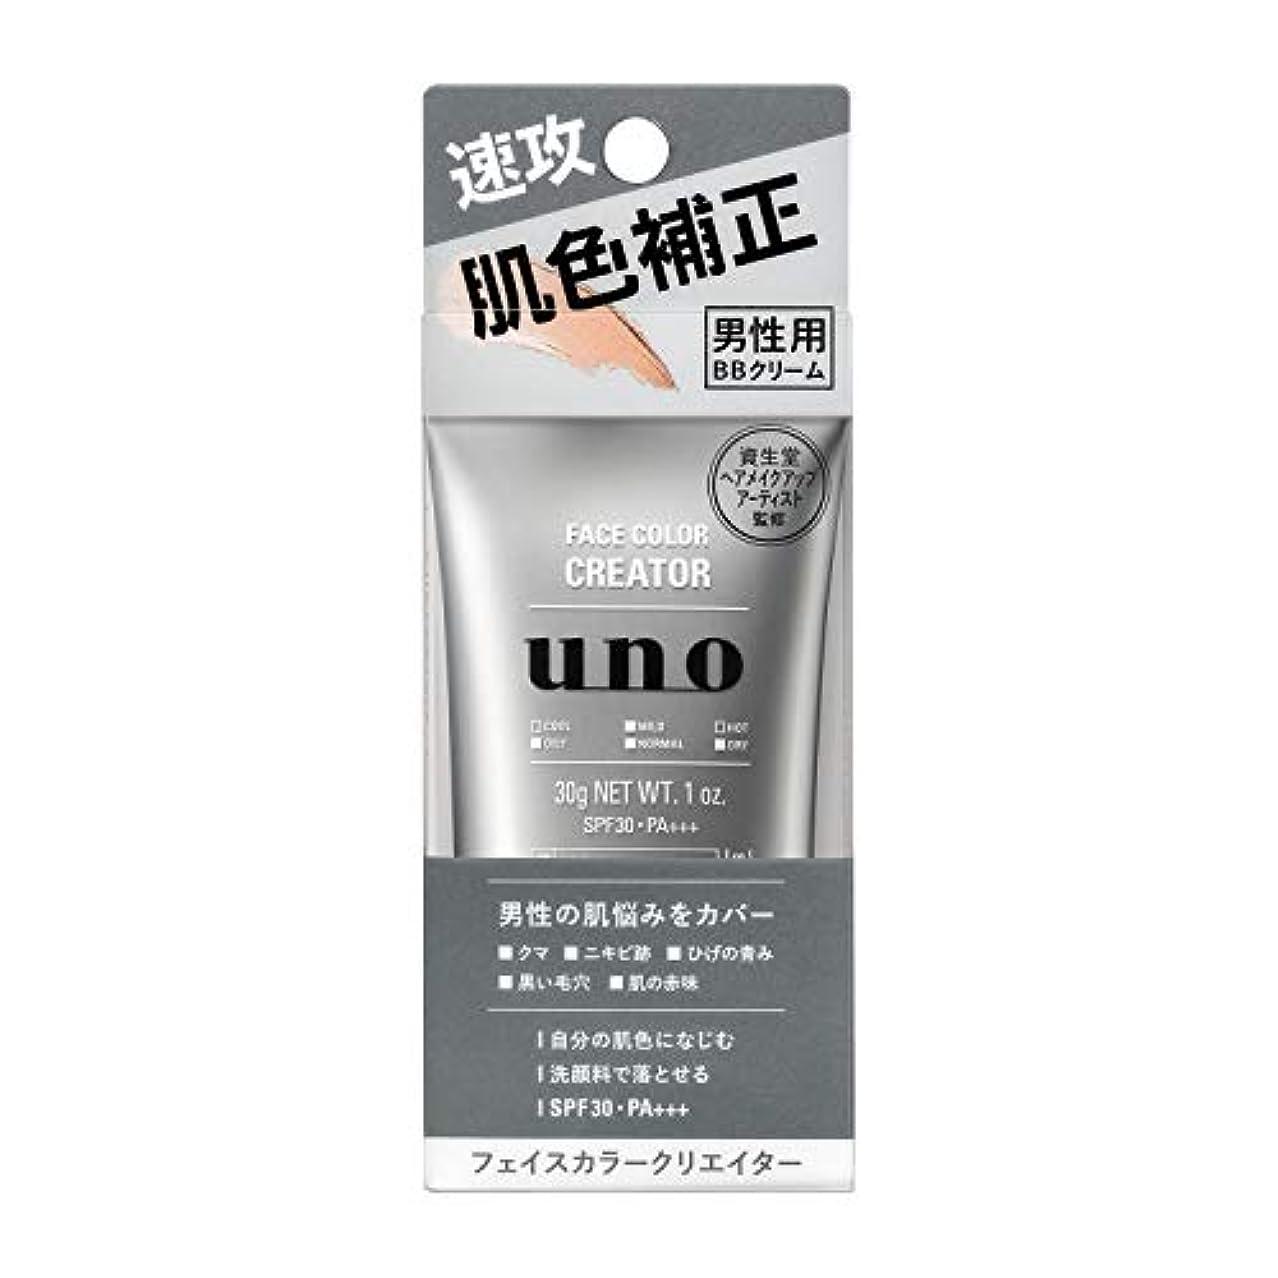 加害者カビ広範囲にUNO(ウーノ)フェイスカラークリエイター BBクリーム メンズ SPF30 PA+++ 30g